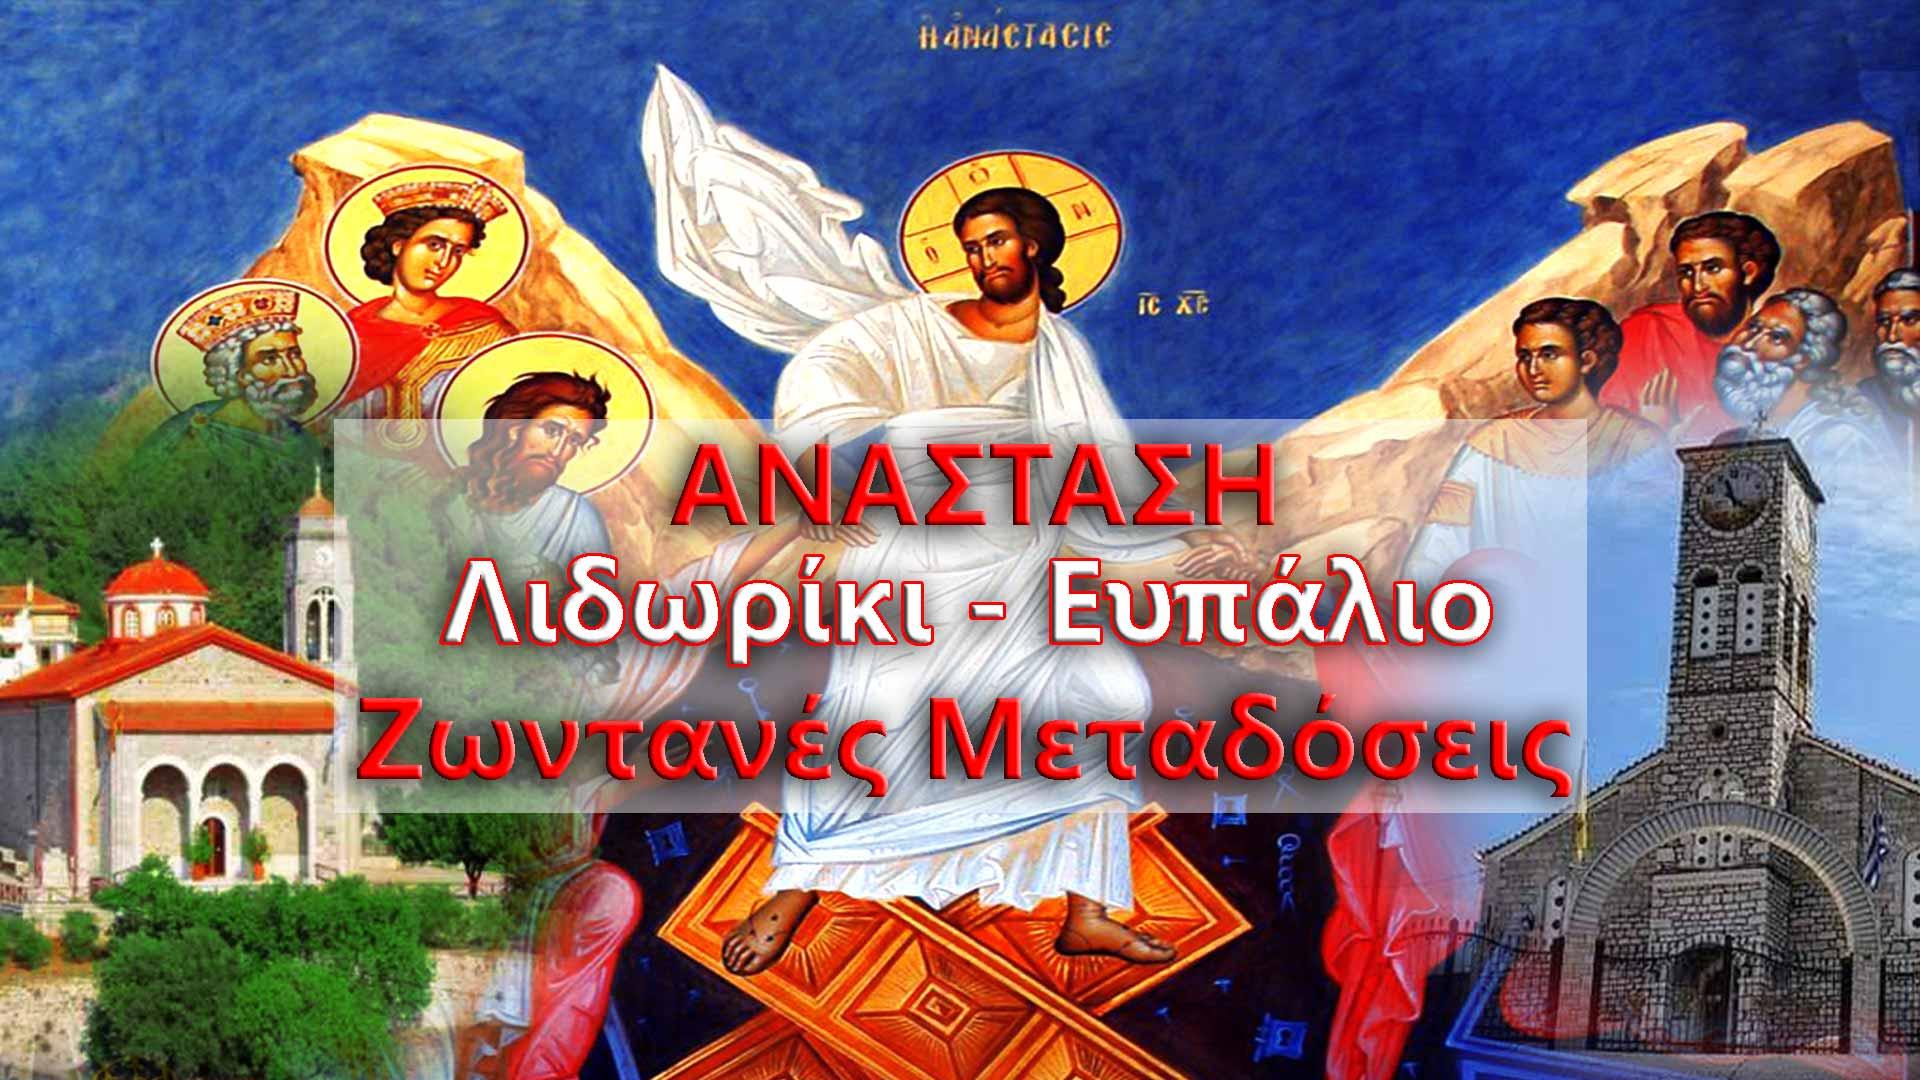 Ζωντανά η Ανάσταση Λιδωρίκι και Ευπάλιο